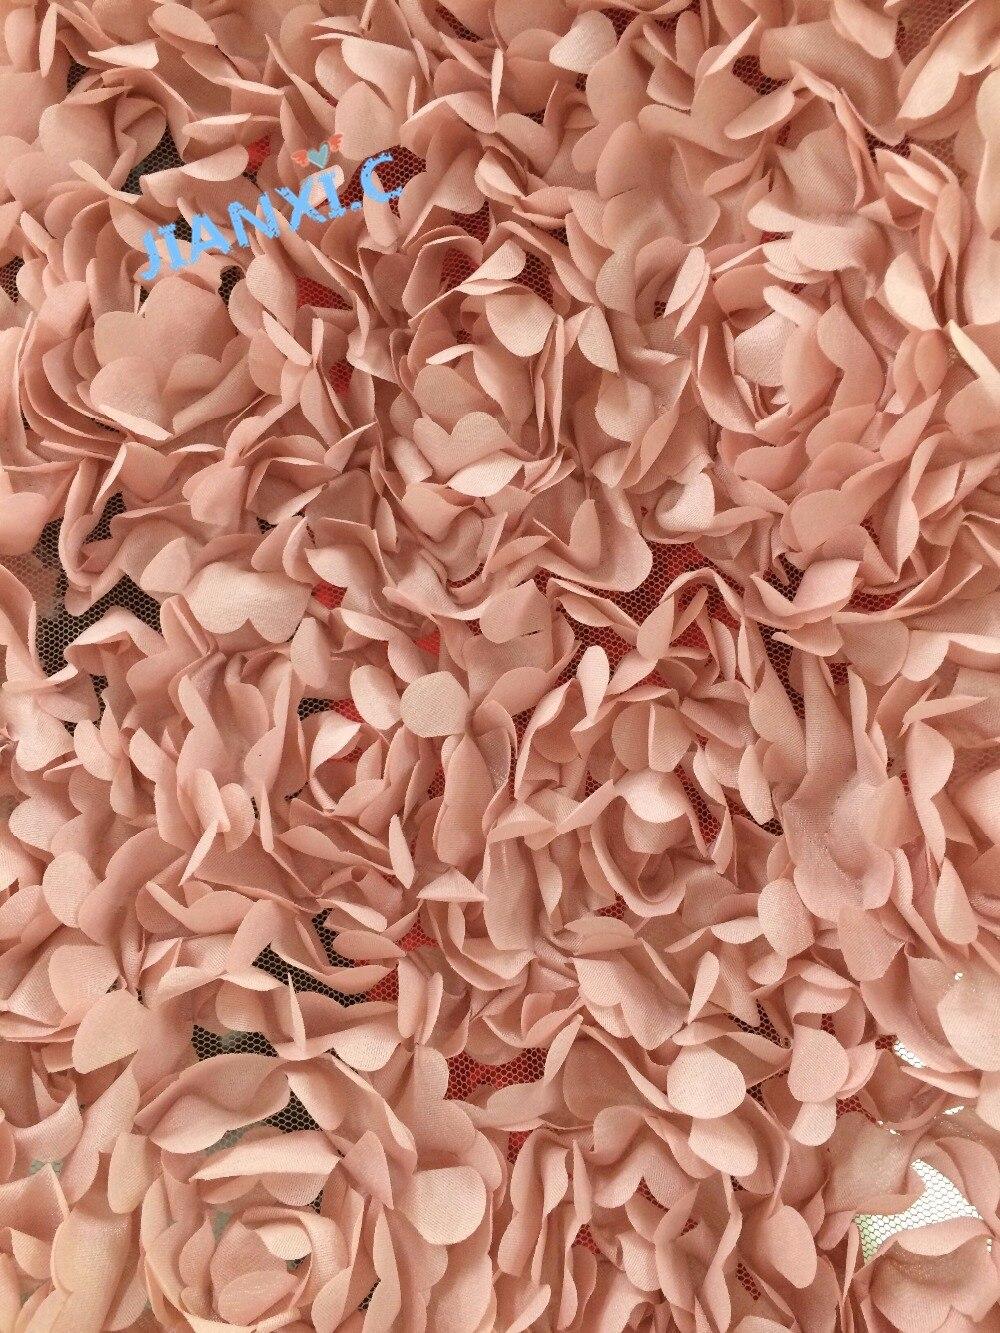 신부 드레스에 대 한 3d 꽃 수 놓은 코드 레이스 패브릭 JIANXI.C 120938 나이지리아 프랑스어 그물 레이스-에서레이스부터 홈 & 가든 의  그룹 1